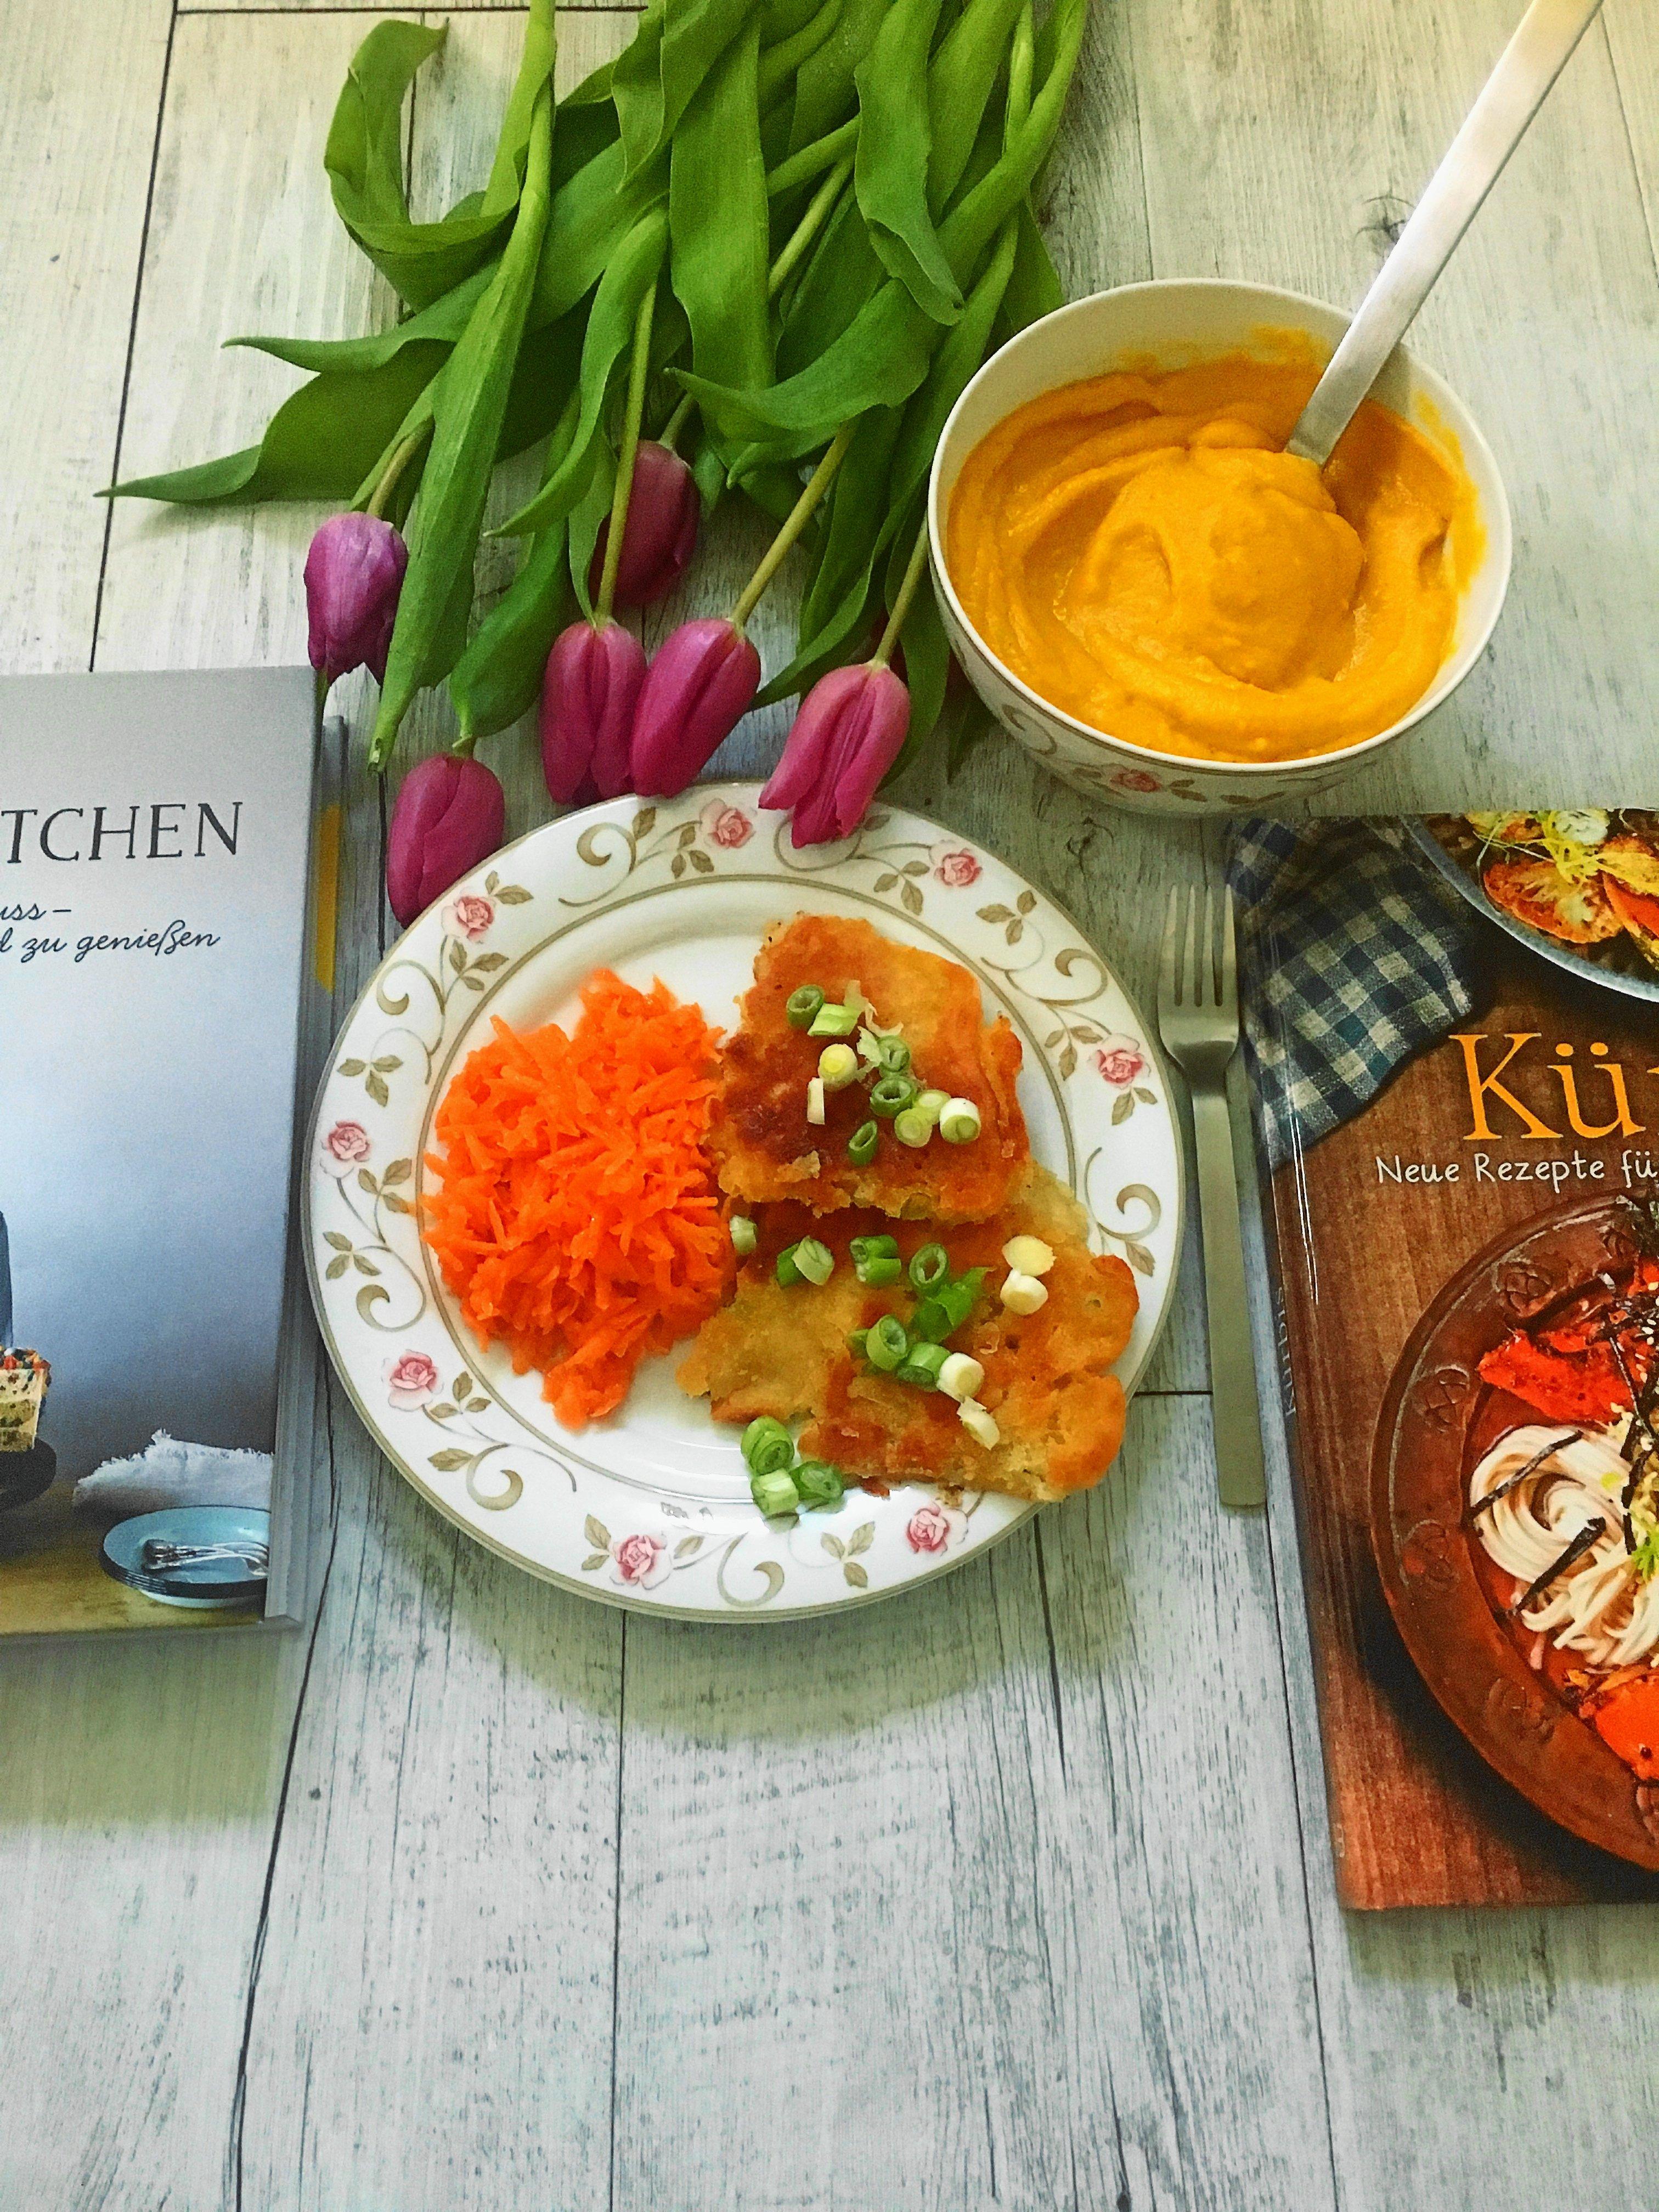 Heute gebe ich euch auf dem Blog zwei tolle Kochbuch-Tipps, koche zwei vegane Rezepte und stelle das Kochbuch Kürbis und Molly`s Kitchen von Molly Yeh vor